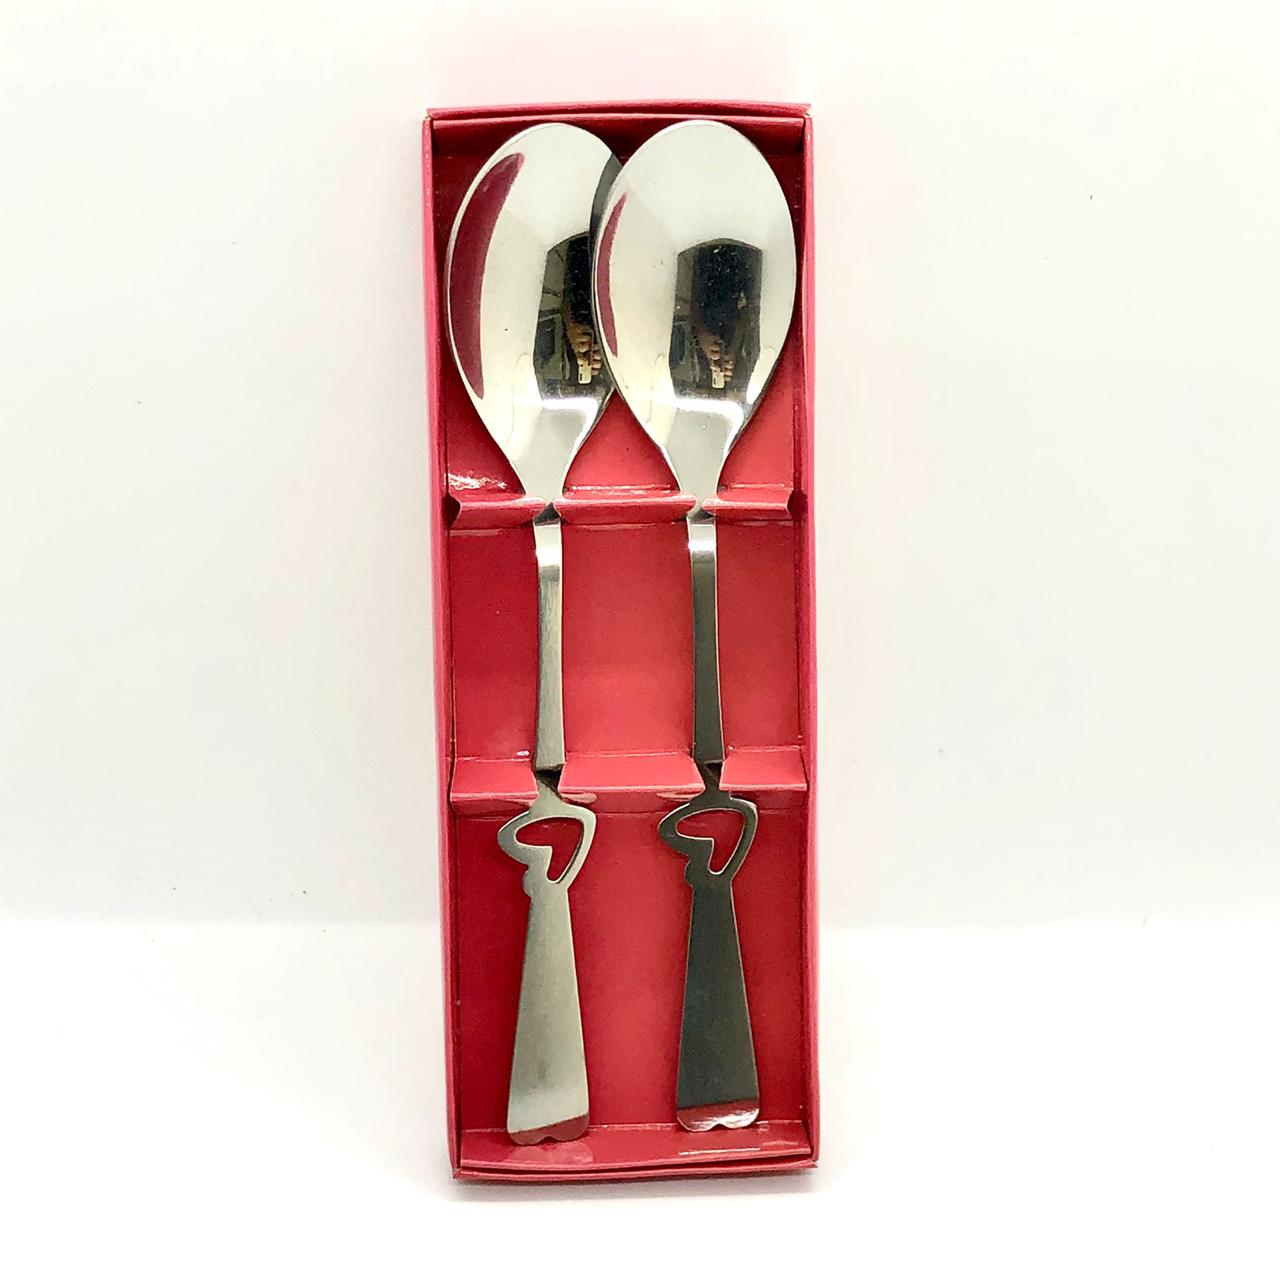 Kit com 2 und colheres de sopa com cabo design coração de aço inoxidável. Cód. OC428